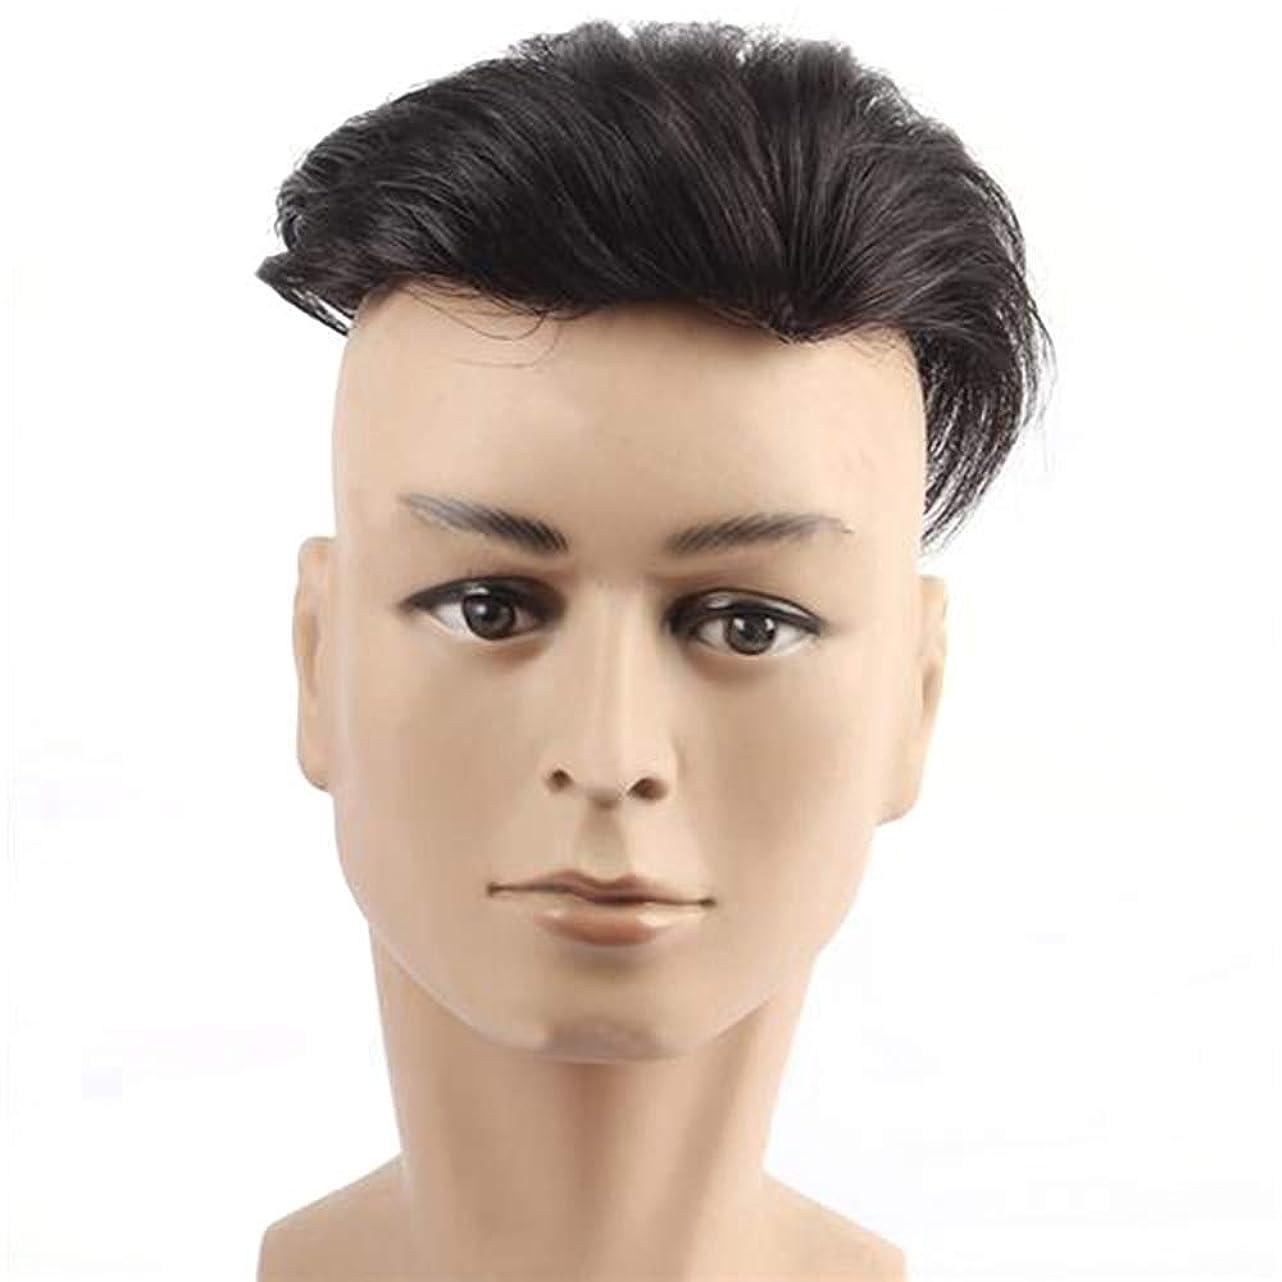 月閉塞広まったHOHYLLYA 男性のための短い本物の髪の拡張子でハンドニードルクリップハンサムな手織かつらファッションかつら (色 : Natural black, サイズ : 16x18)